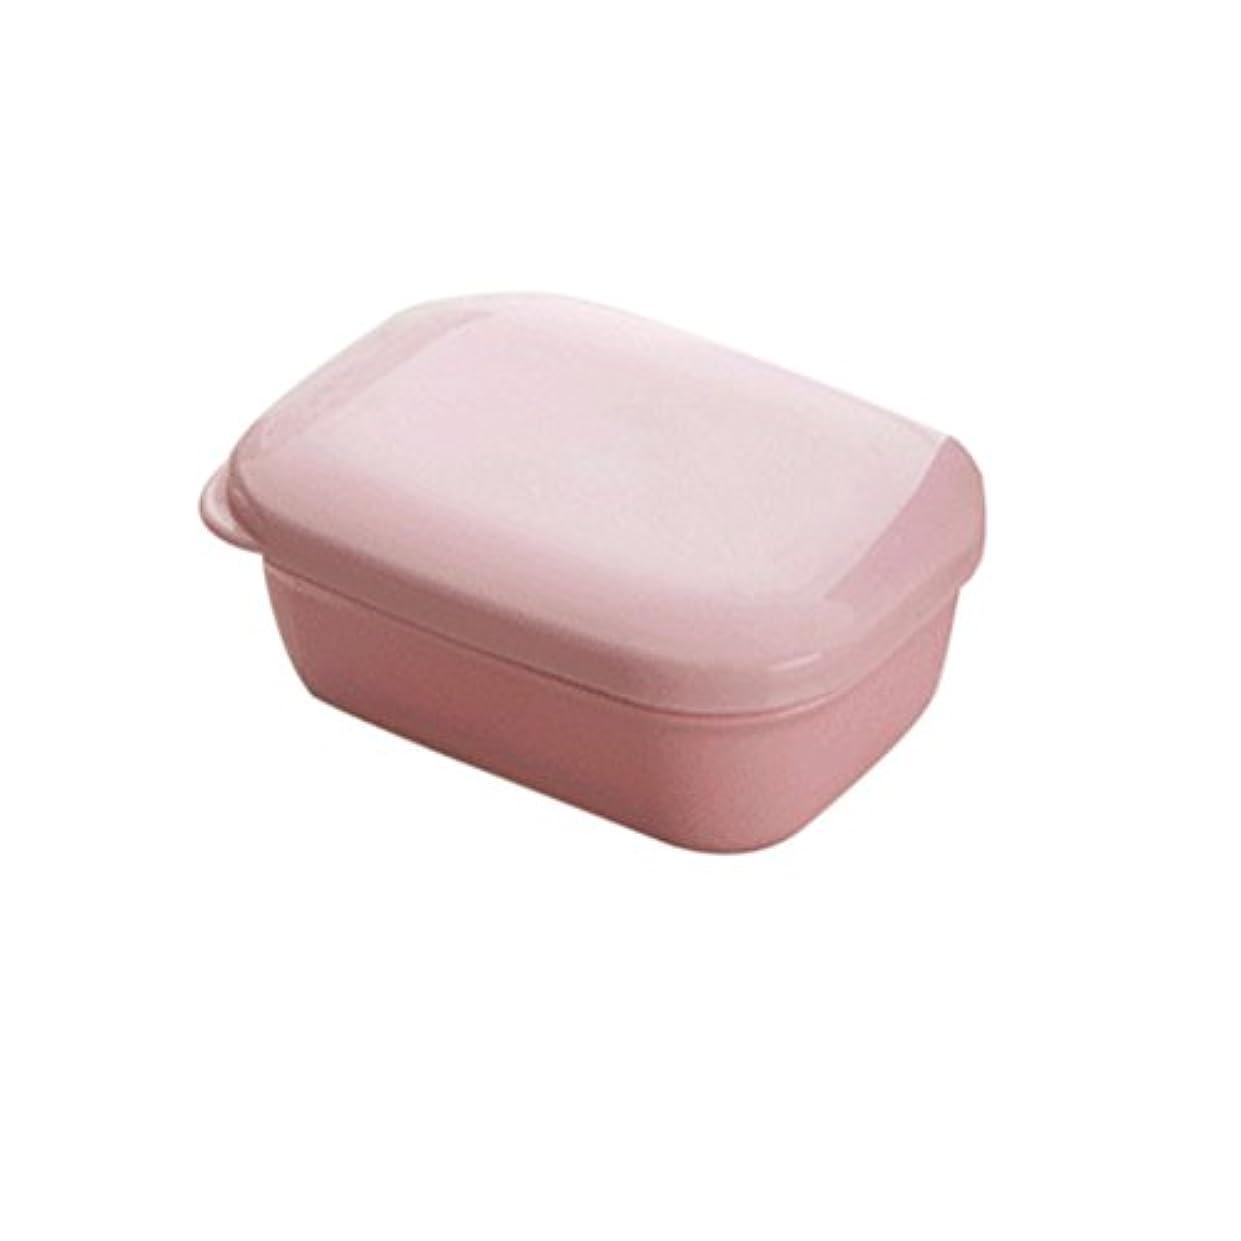 直立グレード難破船BESTOMZ 石鹸ケース 石鹸置き ソープディッシュ 旅行用 携帯 ふた付け(ピンク)